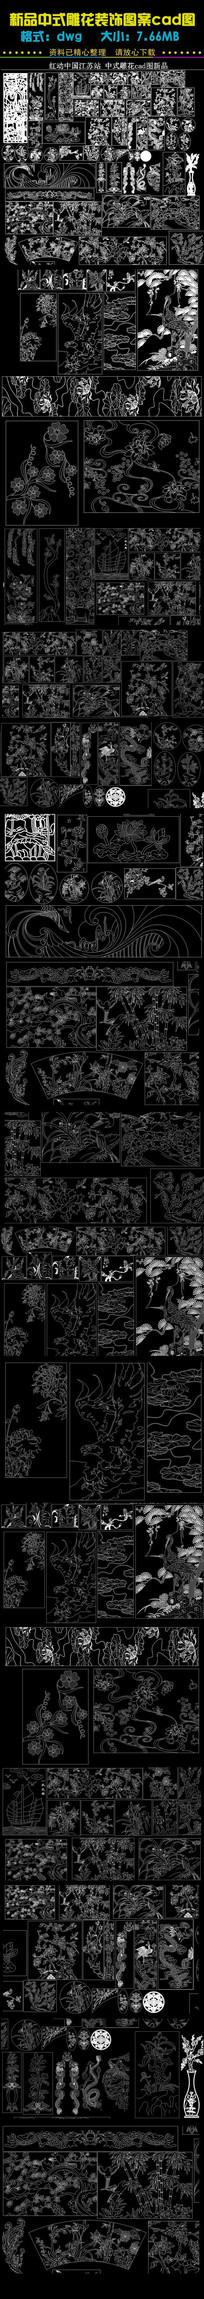 新品中式雕花装饰图案cad图